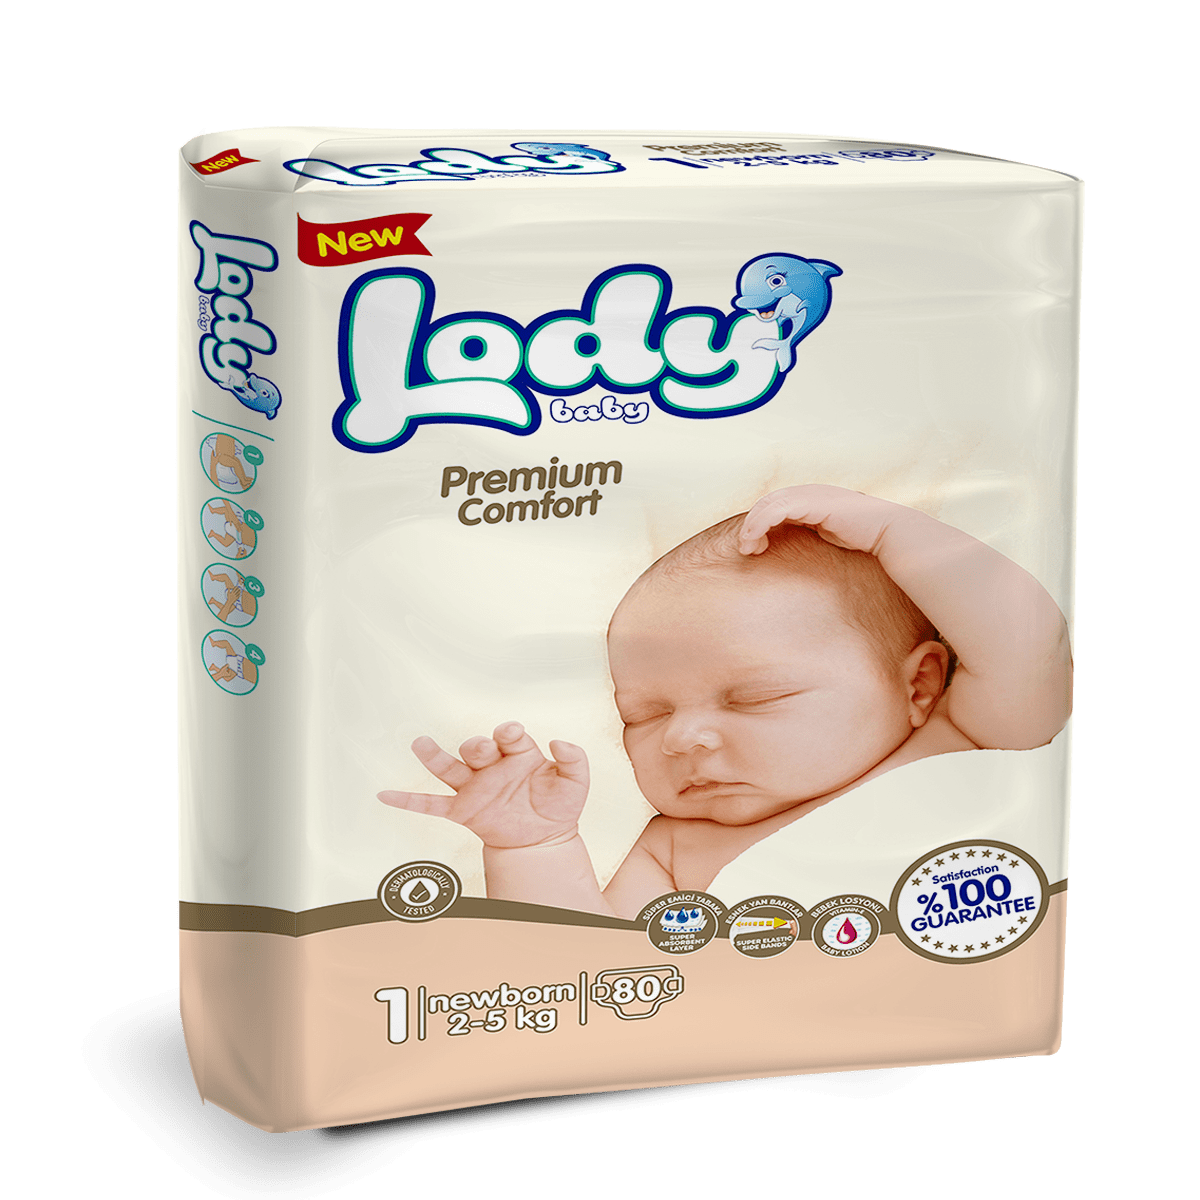 LODY BABY NEWBORN ( 2-5 Kg ) Jumbo Paket